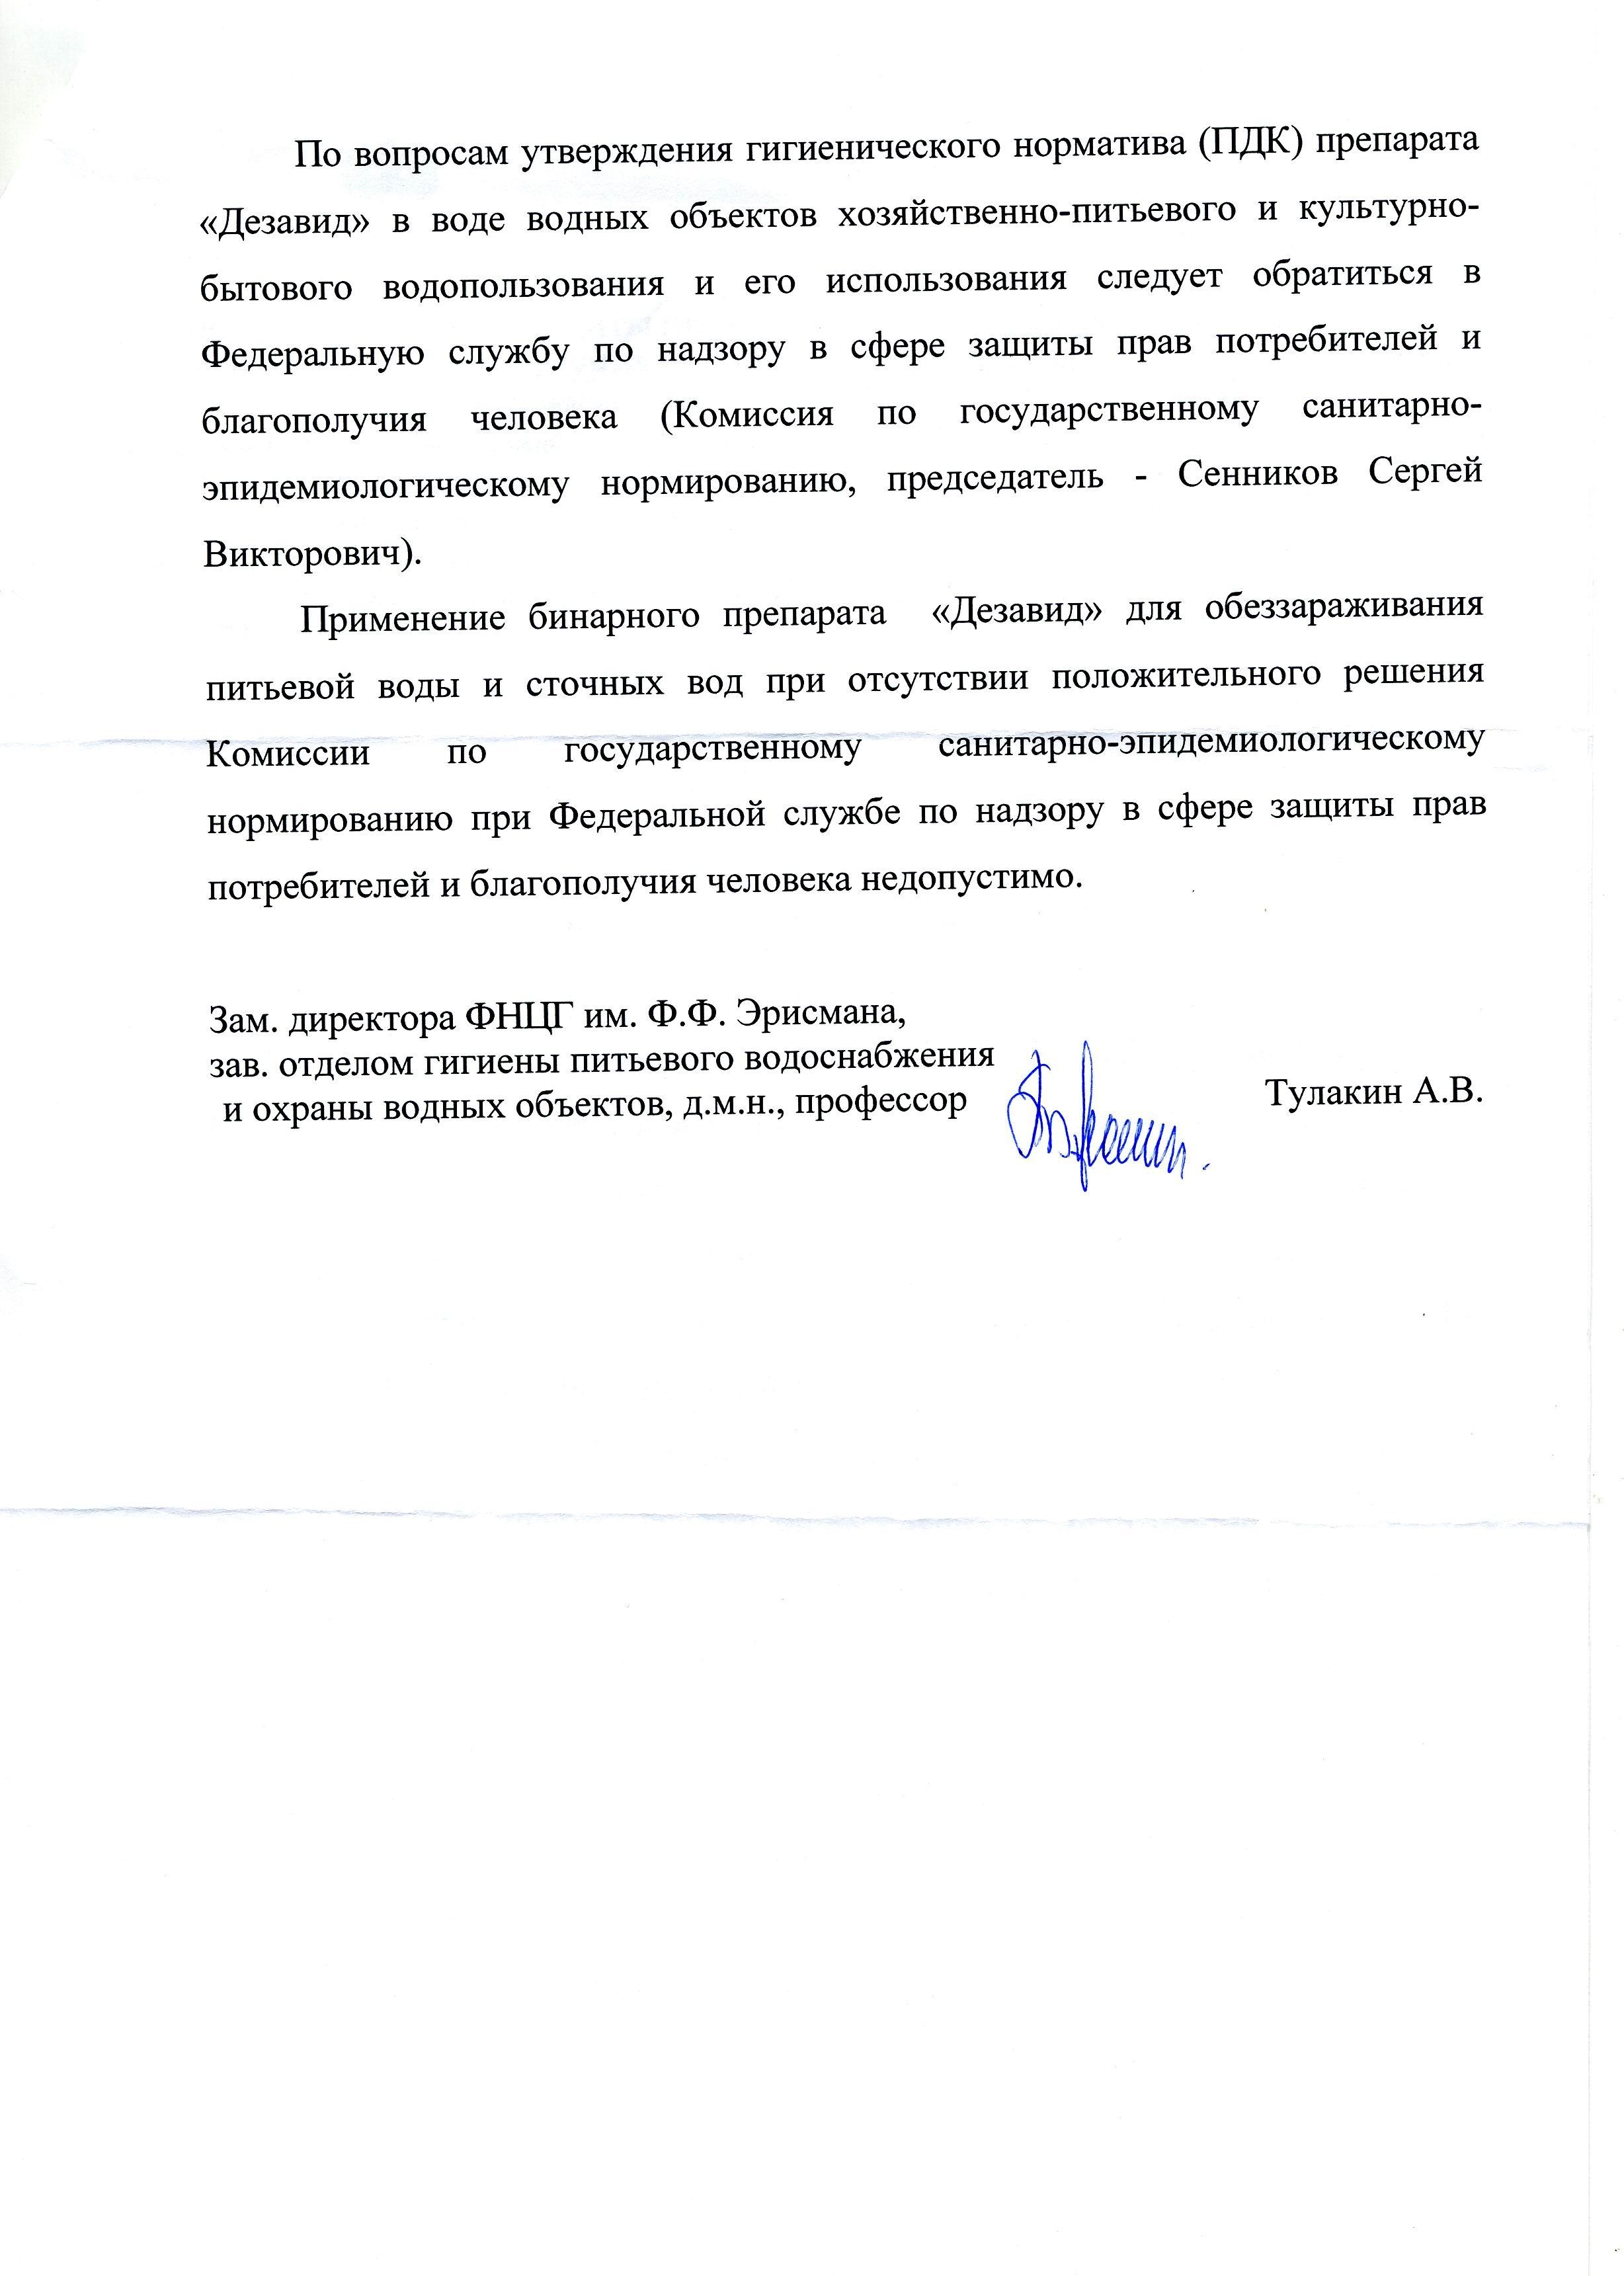 141226-erisman-novosibvdk-02